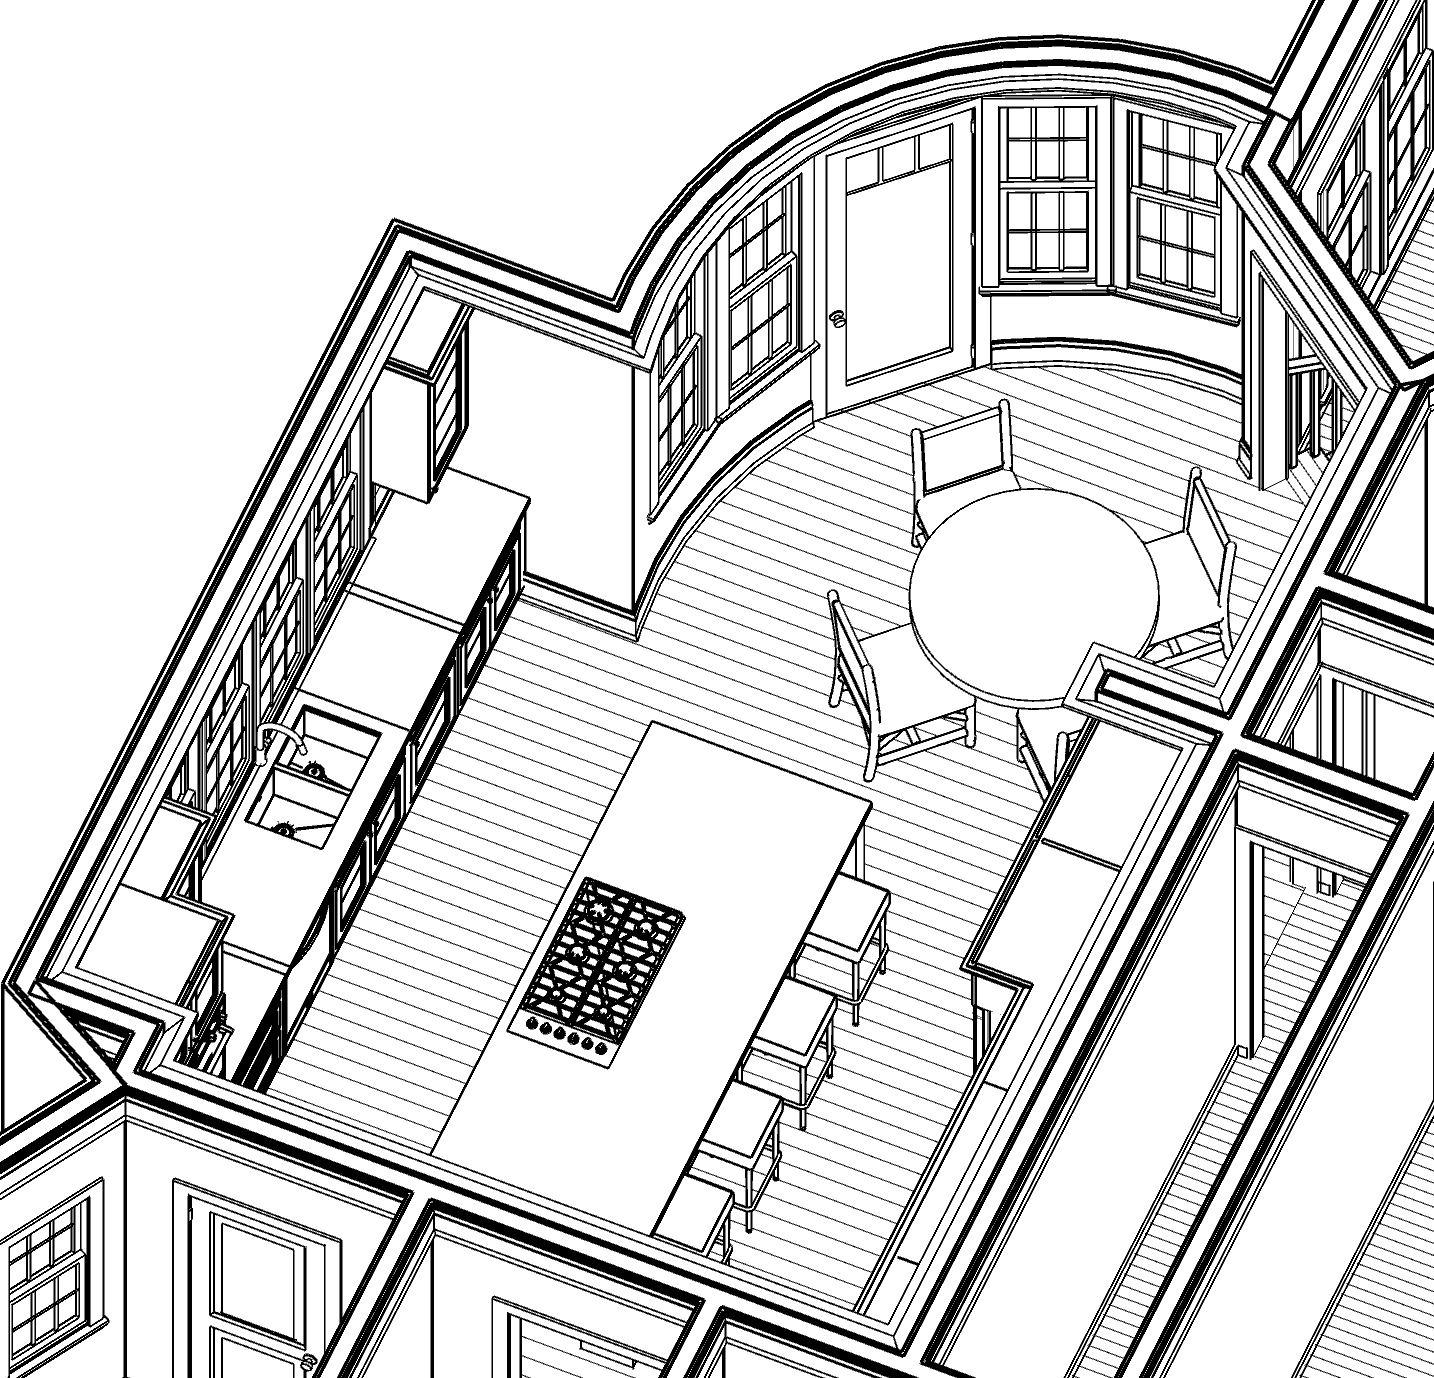 Kitchen - sketch